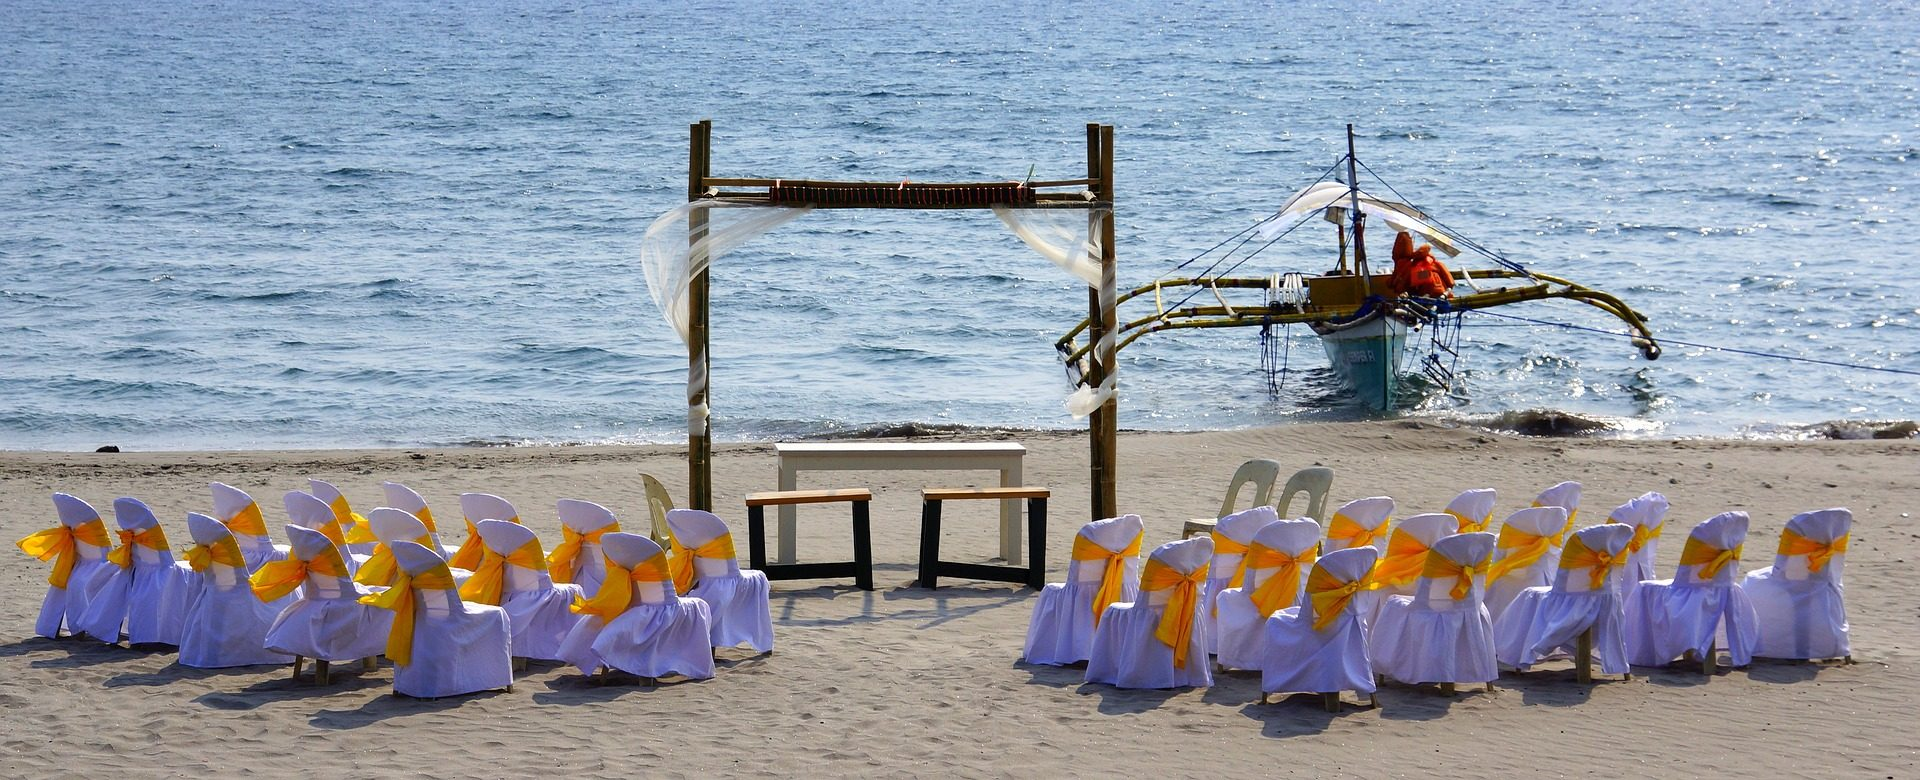 Свадьба, брак, Празднование, Пляж, песок, Море - Обои HD - Профессор falken.com